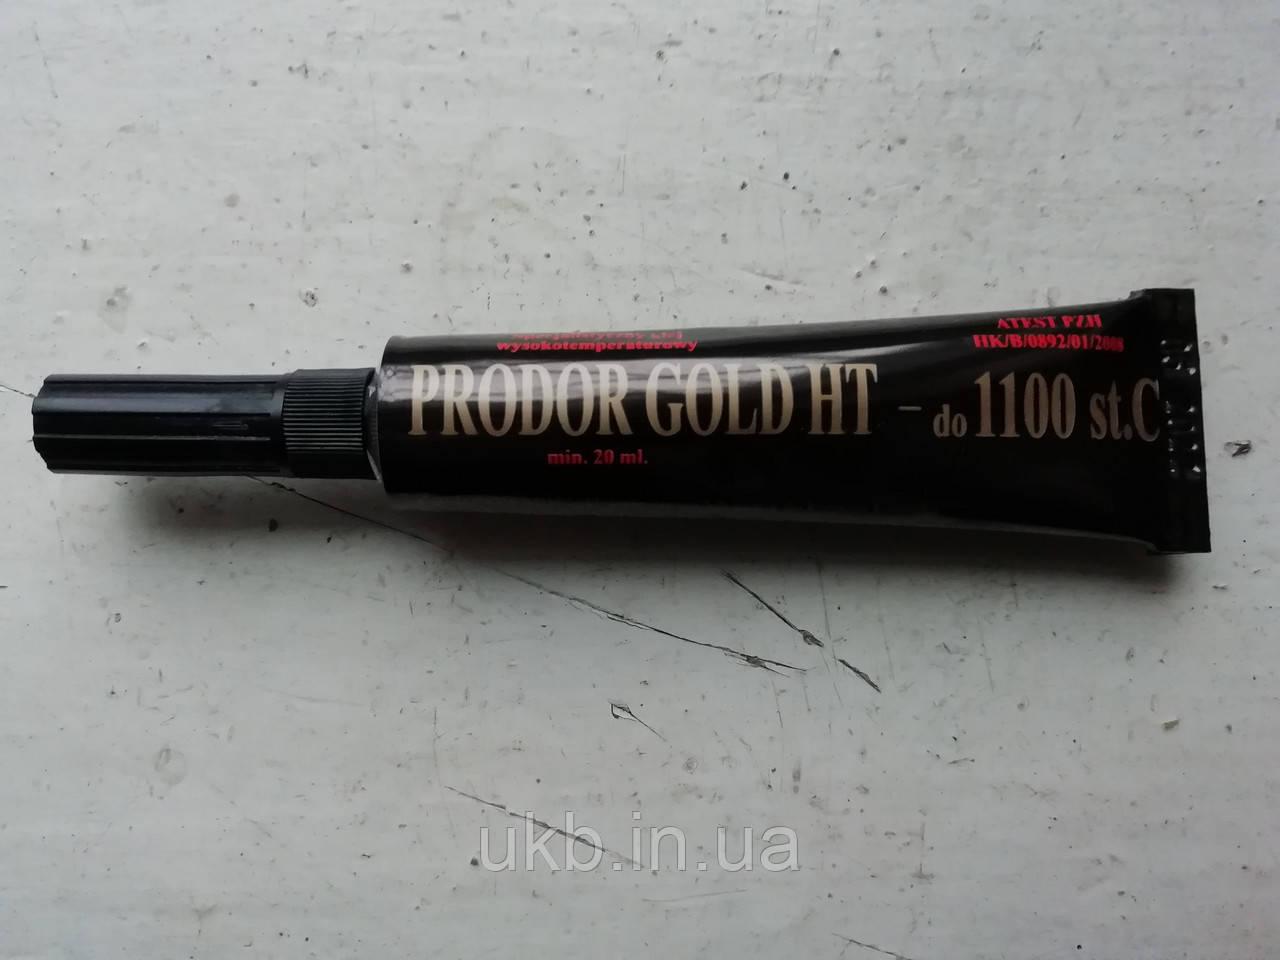 Клей-герметик огнестойки 20 мл (1100 С)